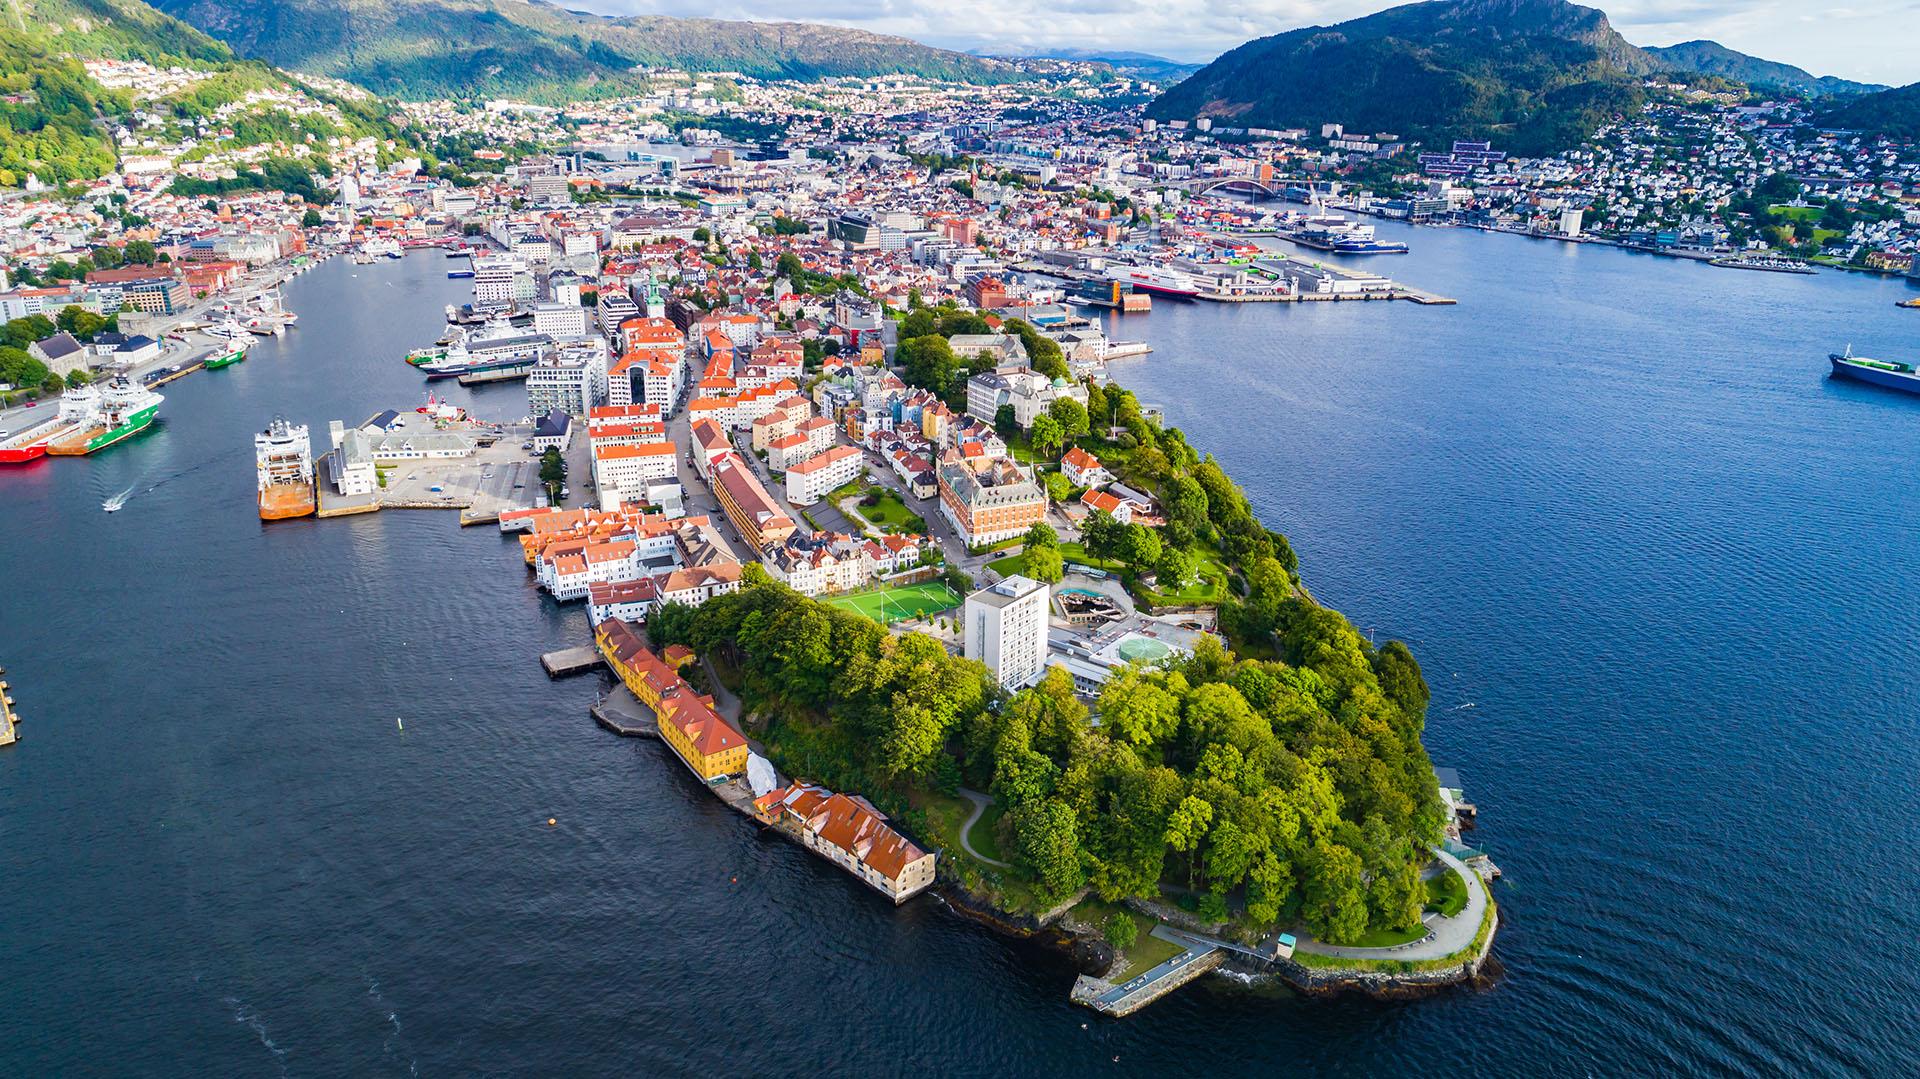 La ciudad es un sitio de la UNESCO. Está rodeado de montañas, fiordos y el muelle Bryggen con las casas de colores. Un obligado es visitar el Monte Fløyen a través del furnacular es una forma divertida de obtener algunas vistas panorámicas de la ciudad